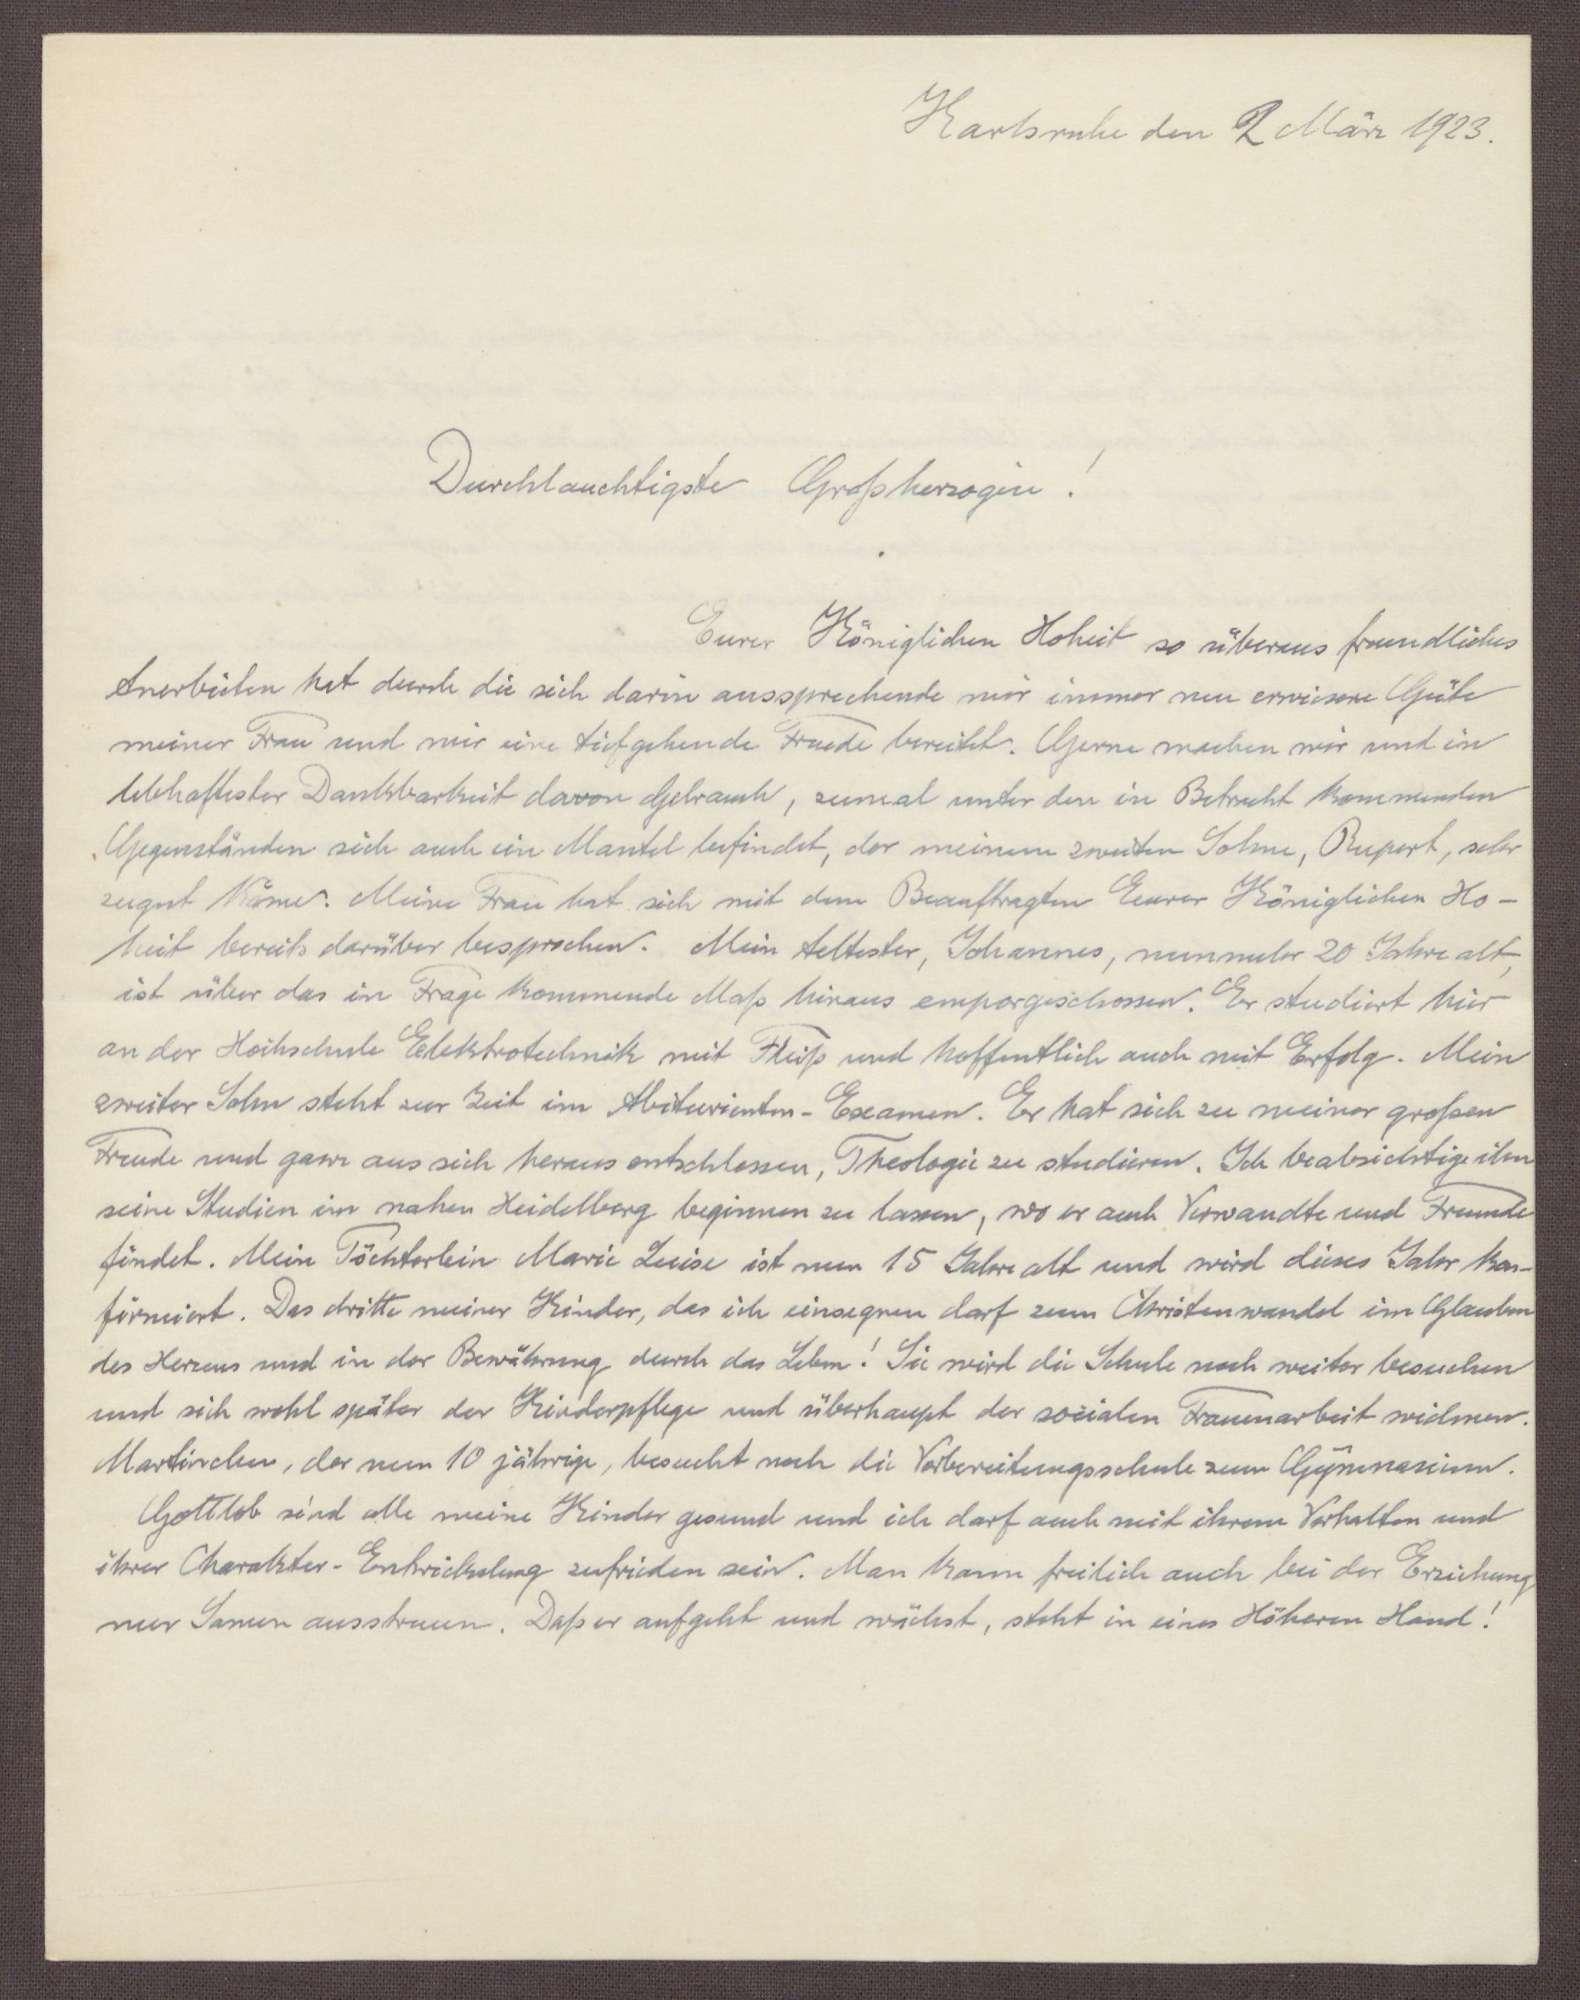 Schreiben von Ernst Fischer an die Großherzogin Luise; Bericht über die Kinder von Ernst Fischer und Reflexionen über den gesellschaftlichen Wandel, Bild 1